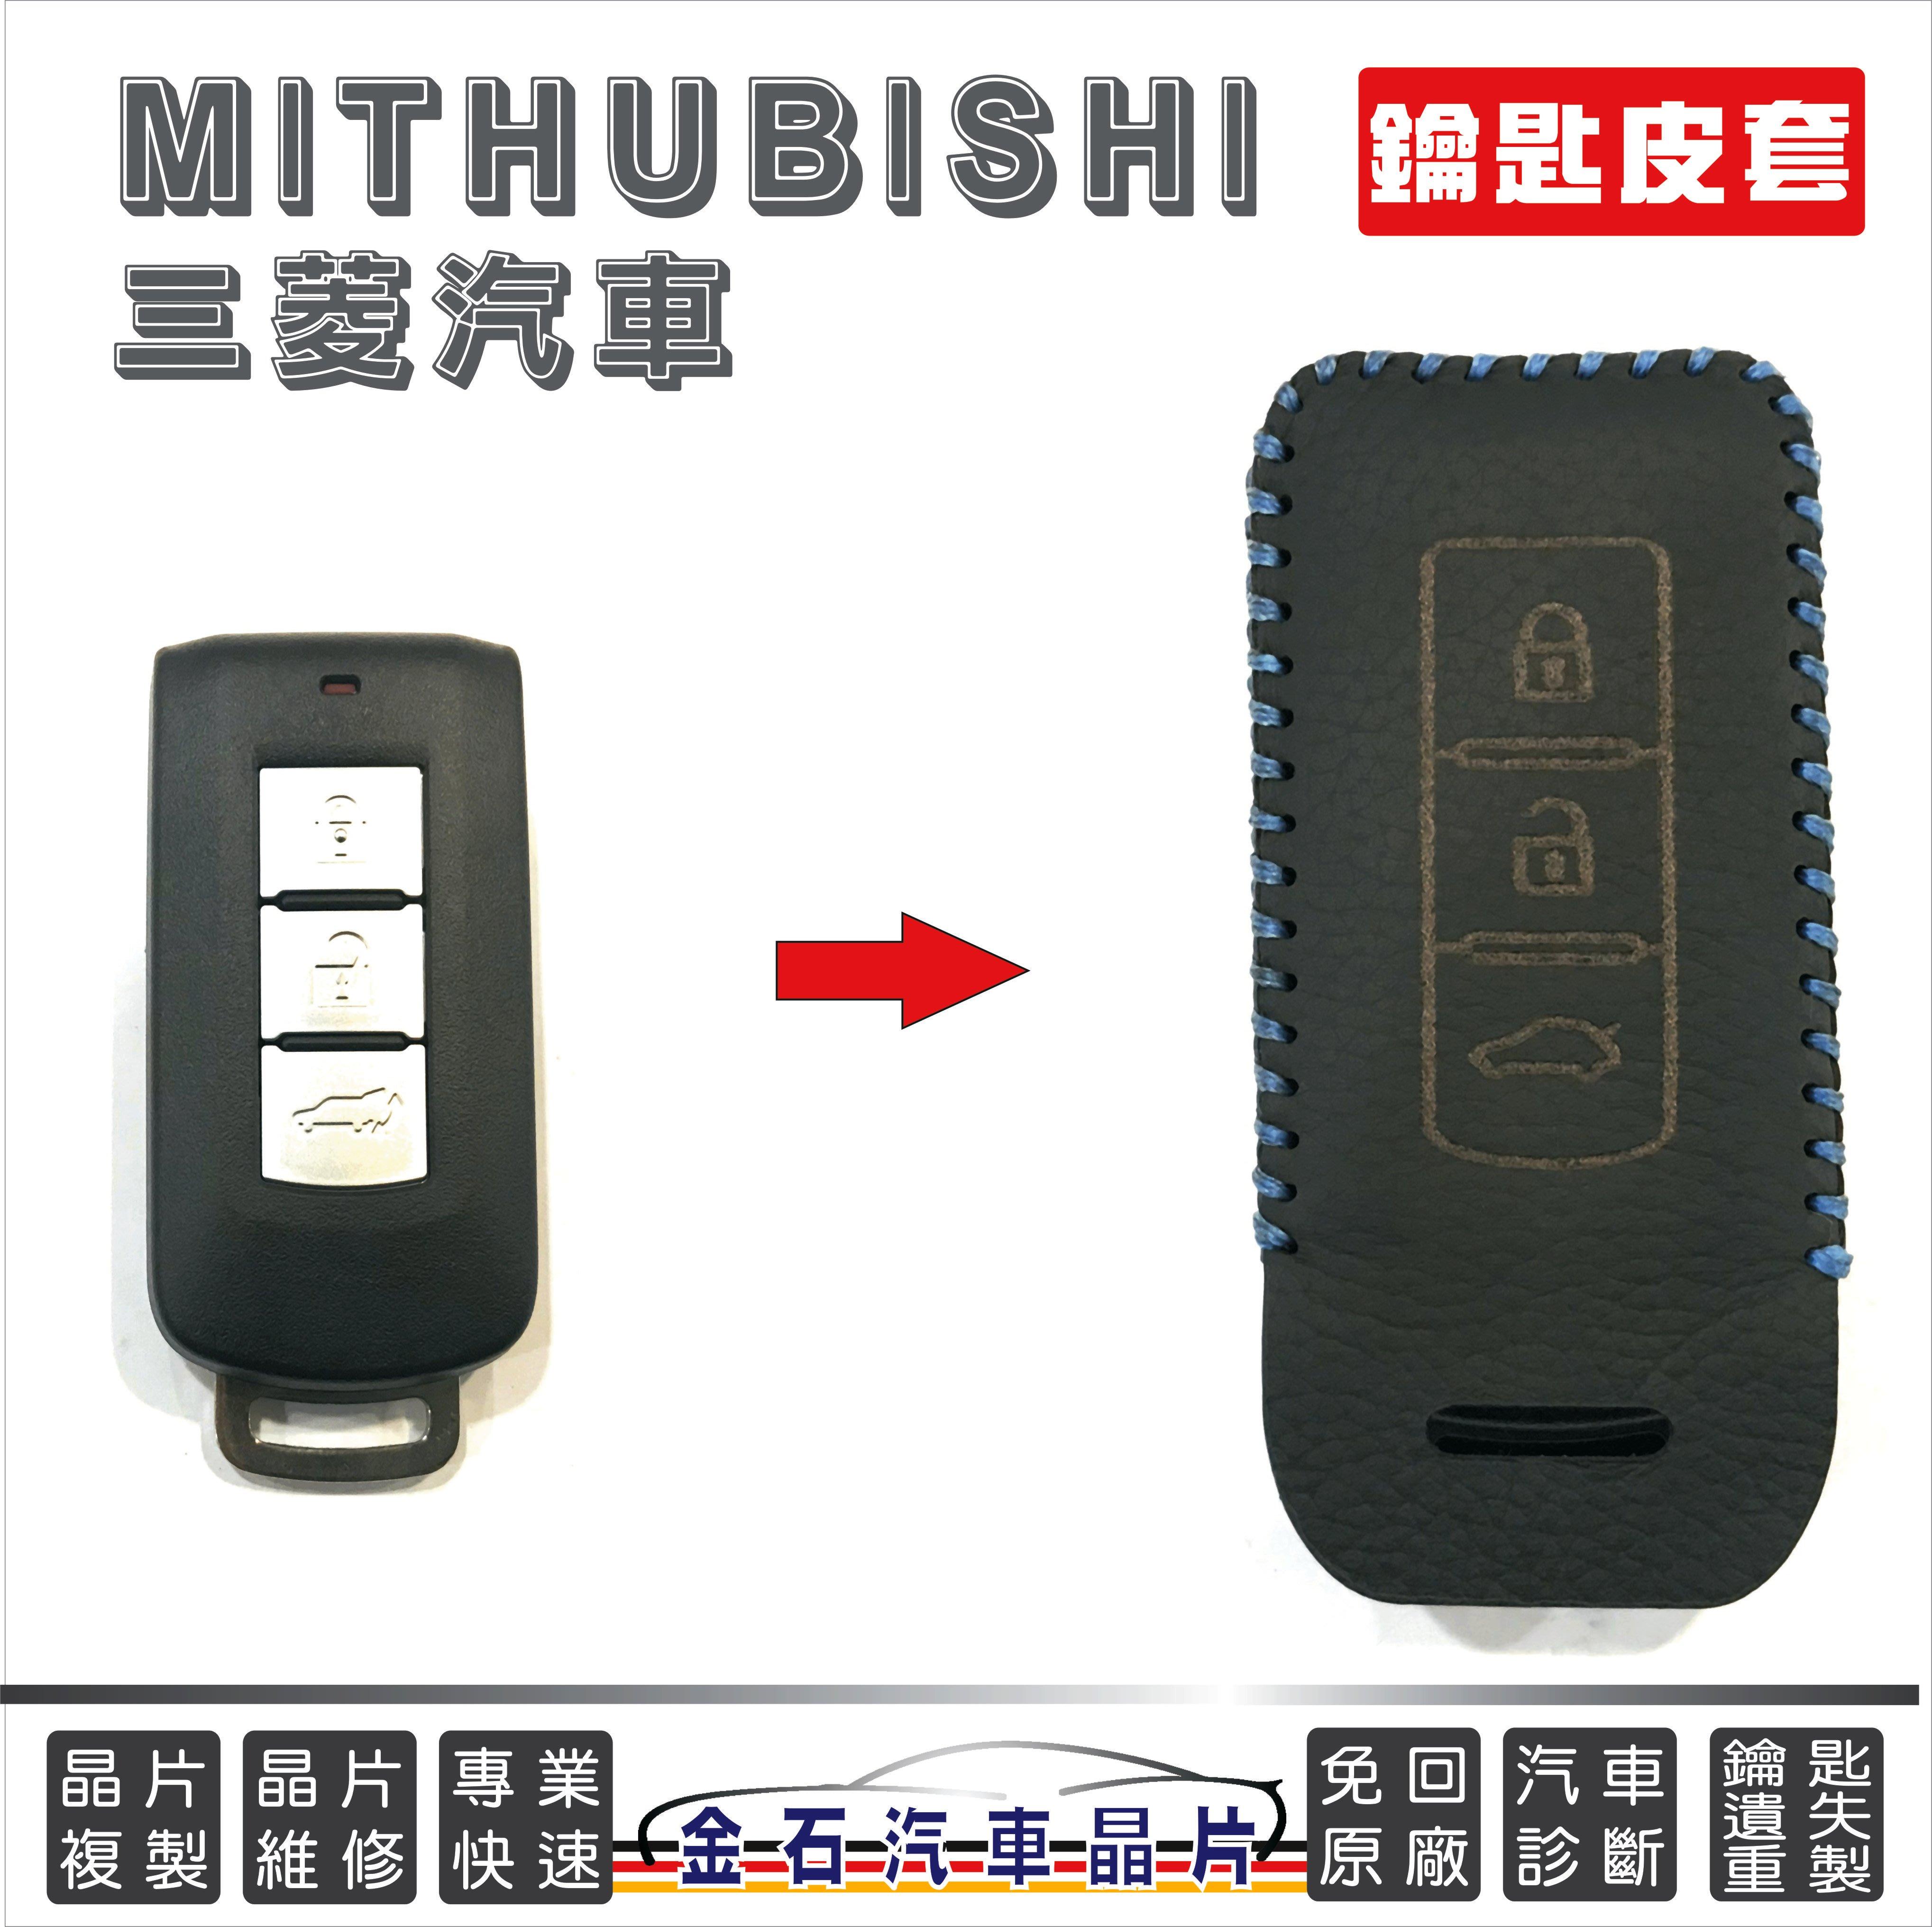 [金石晶片鑰匙] MITHUBISHI 三菱 Lancer Fortis Outlander 皮套 鑰匙套 汽車晶片